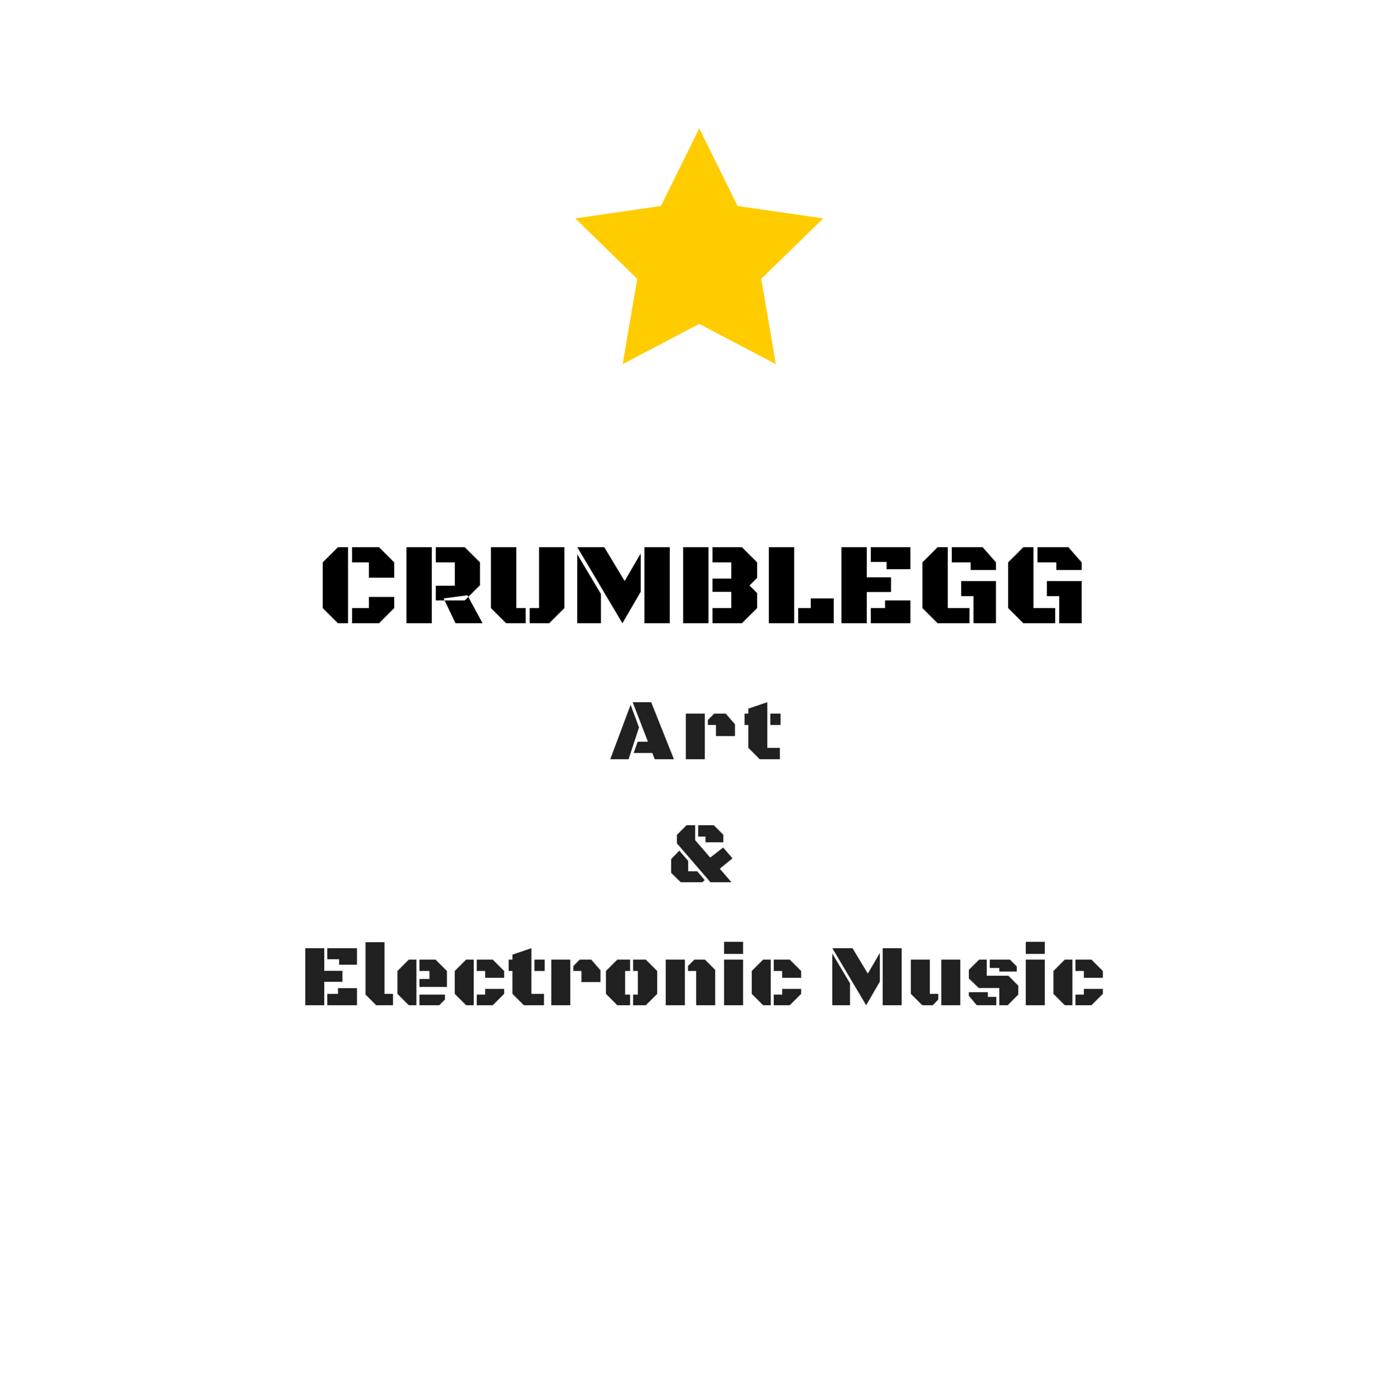 crumblegg